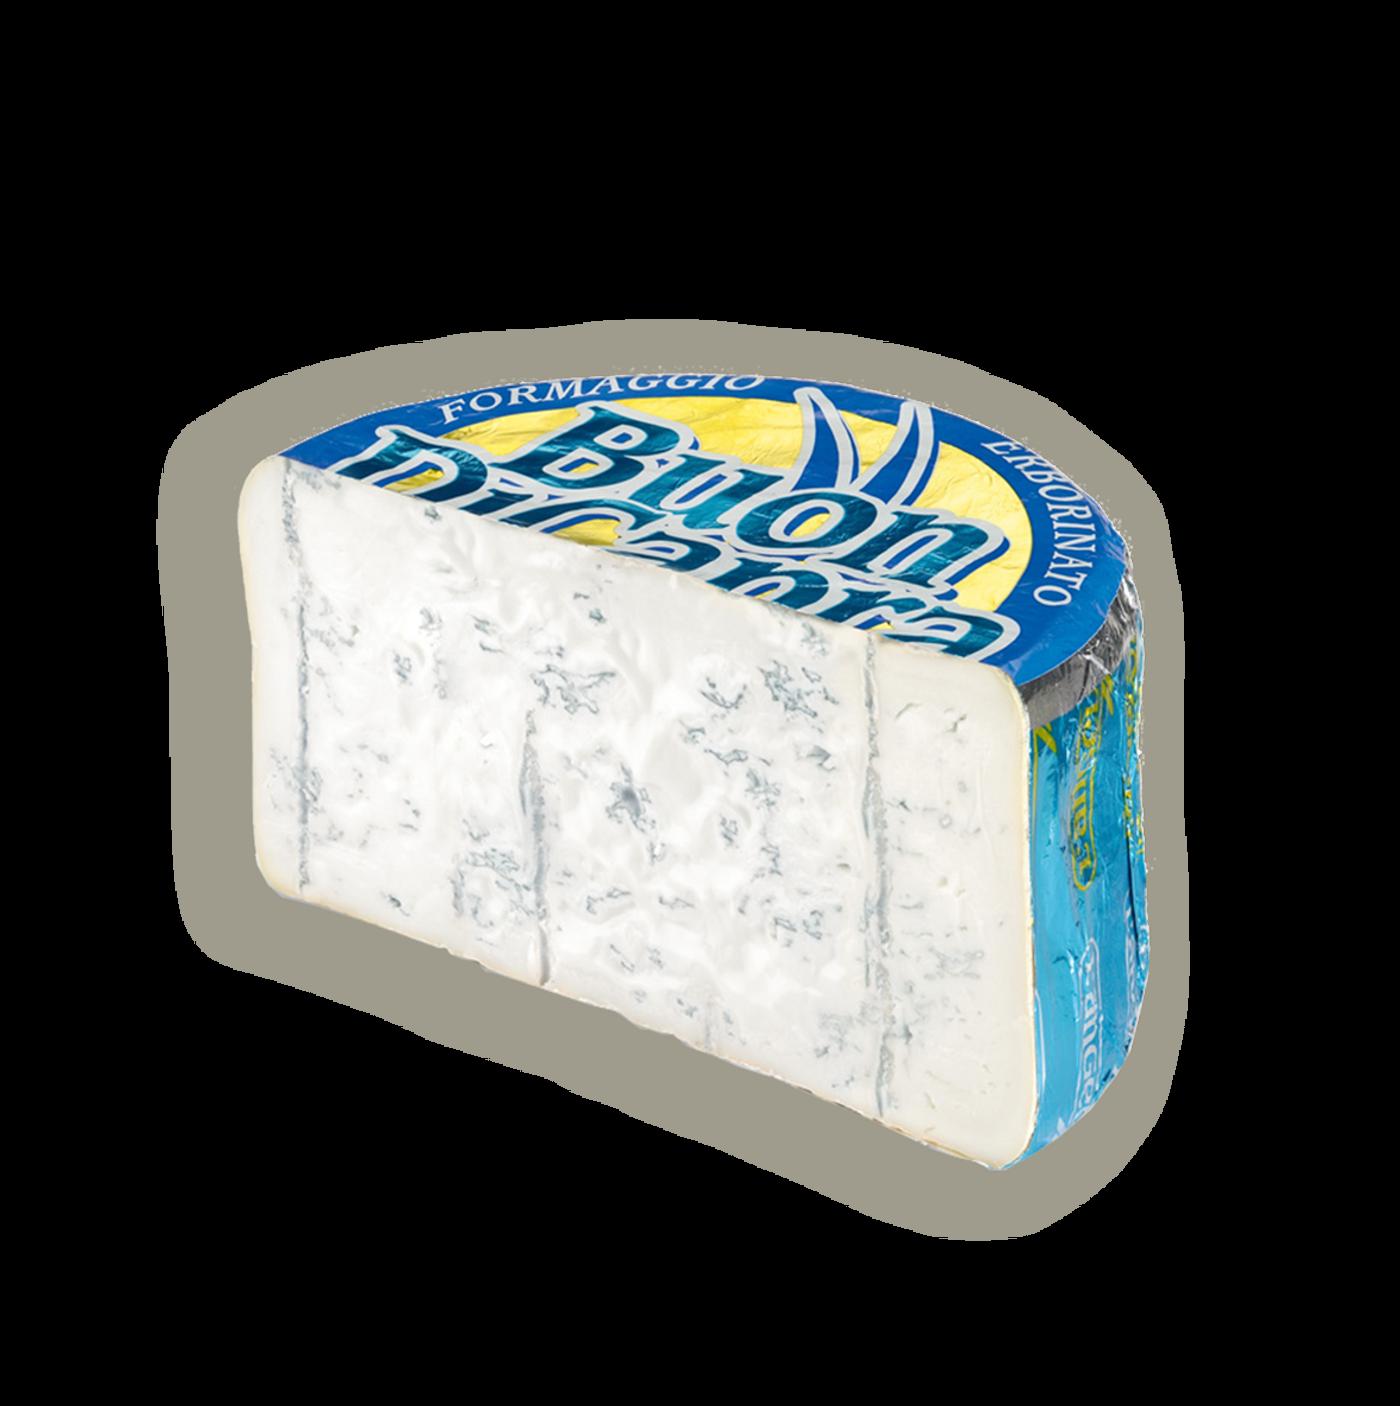 Blu Erborinato Di Capra